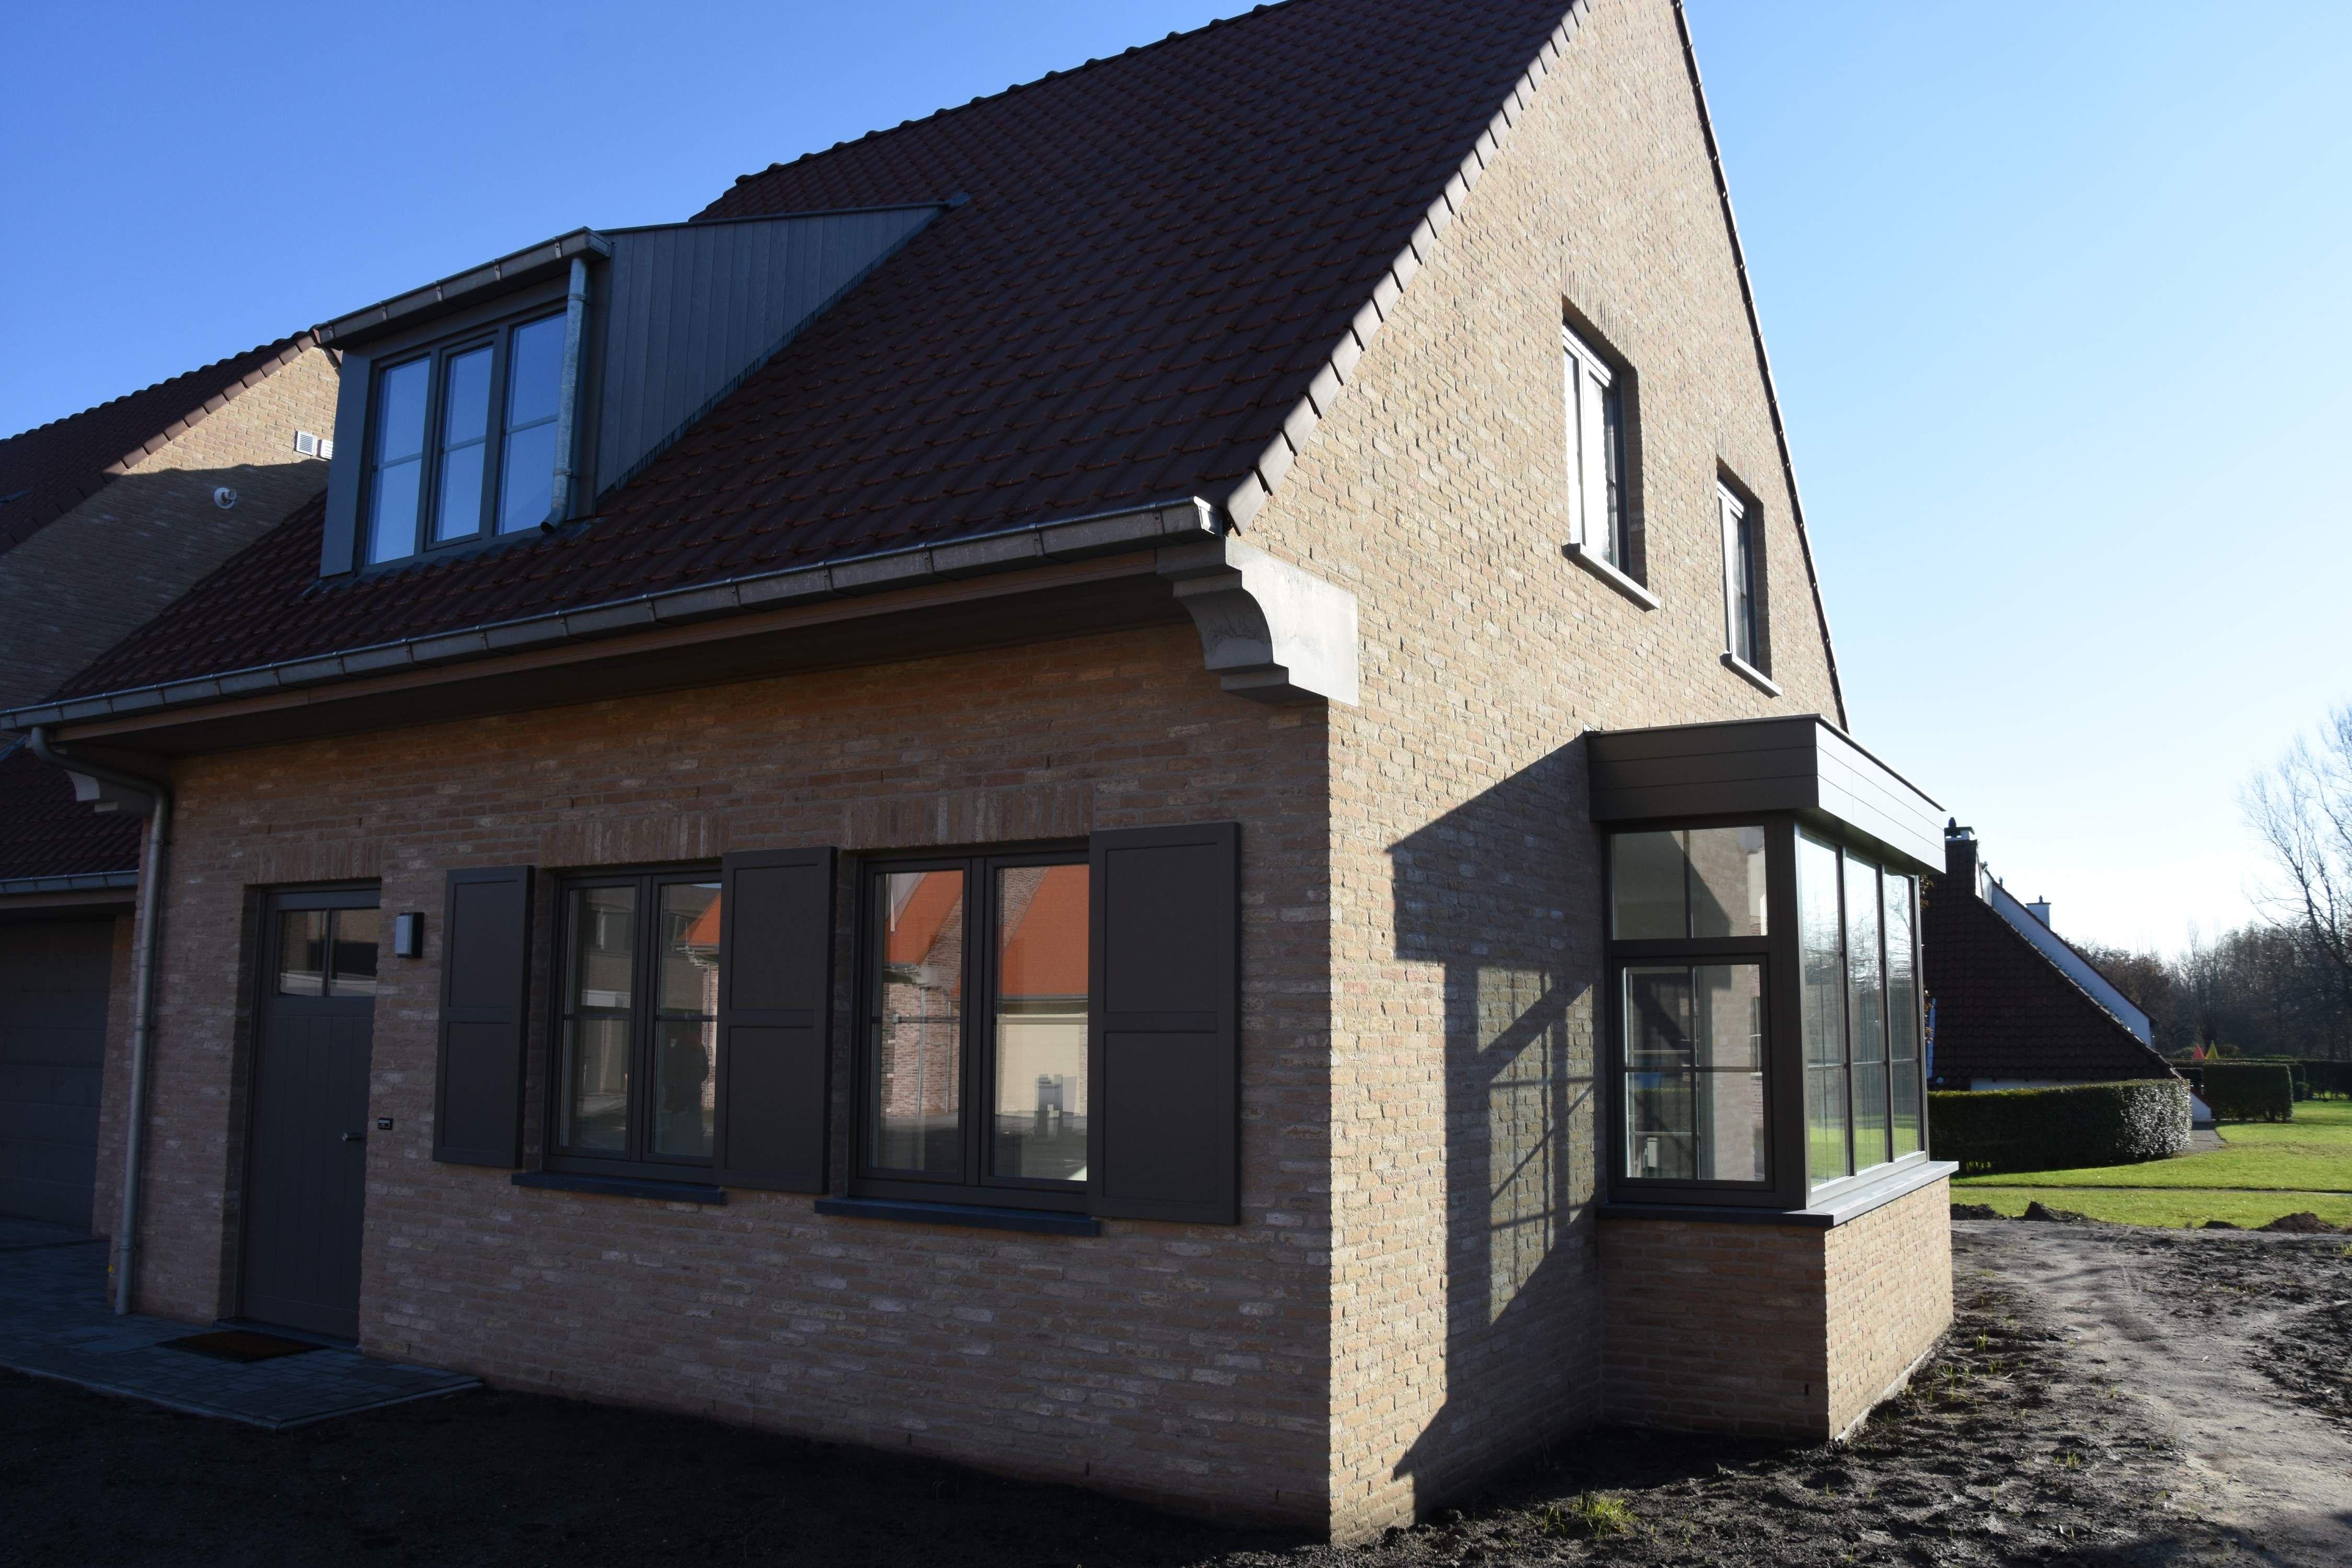 Nieuwbouw woning Gustaaf Buffelstraat Nieuwpoort - 8764